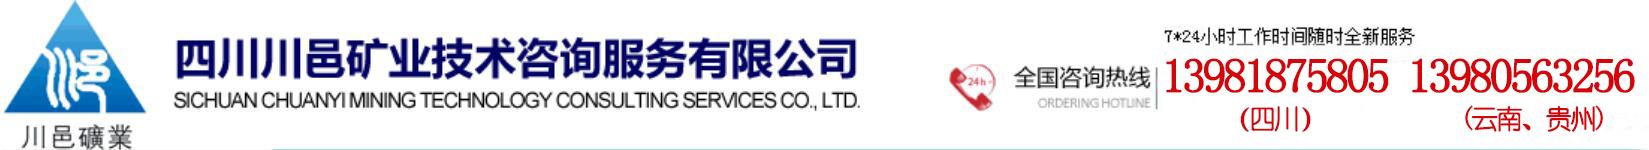 四川川邑矿业技术咨询服务有限公司